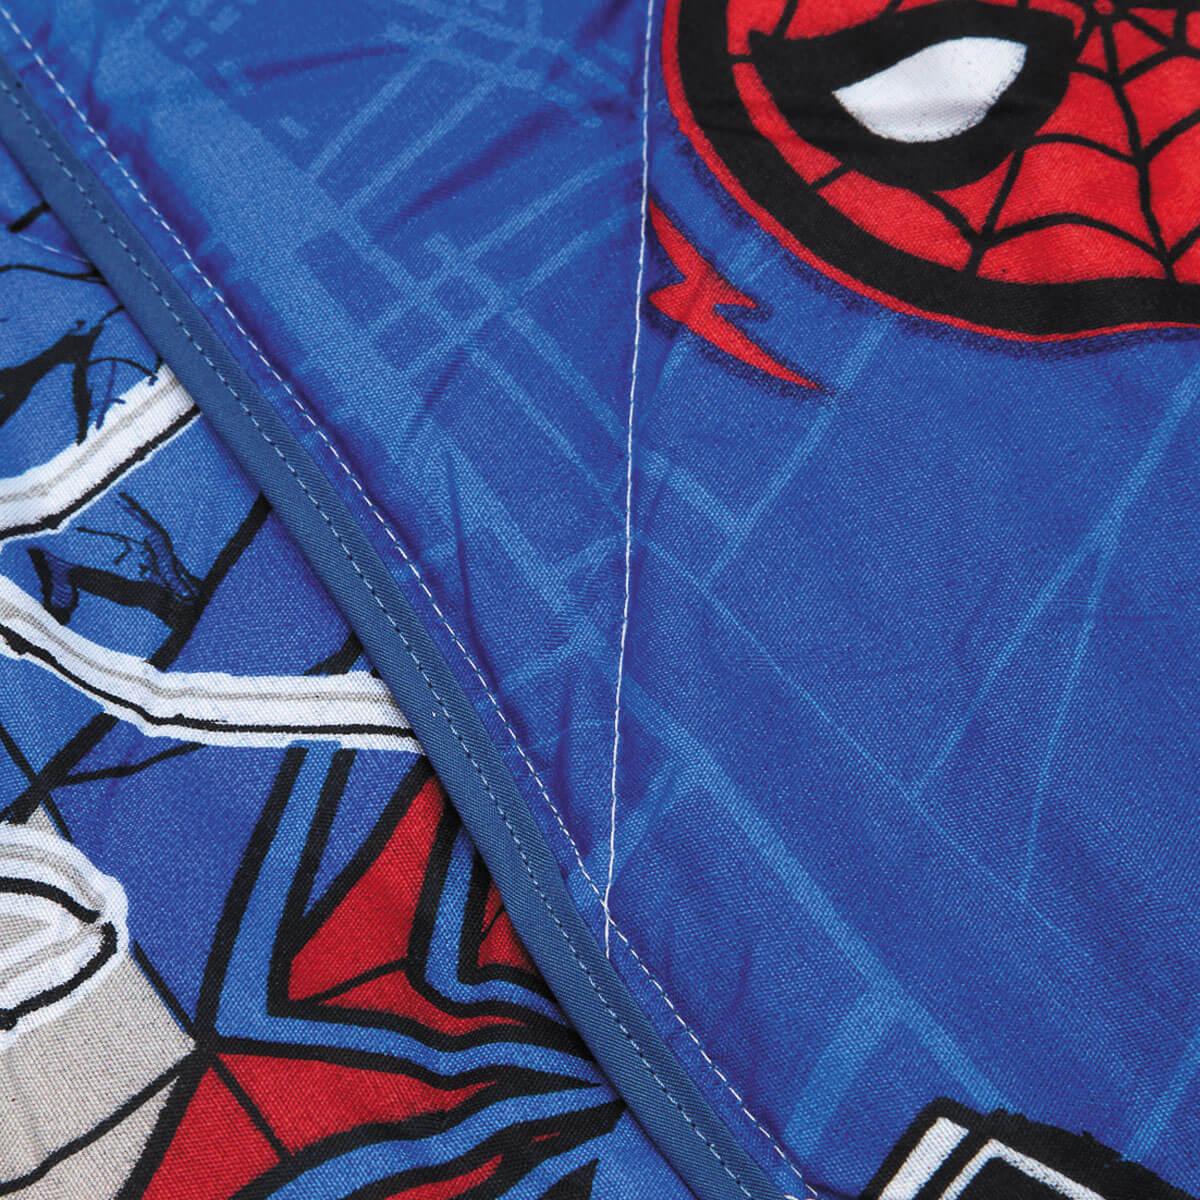 Edredom Solteiro Homem Aranha Infantil Spider Man Lepper